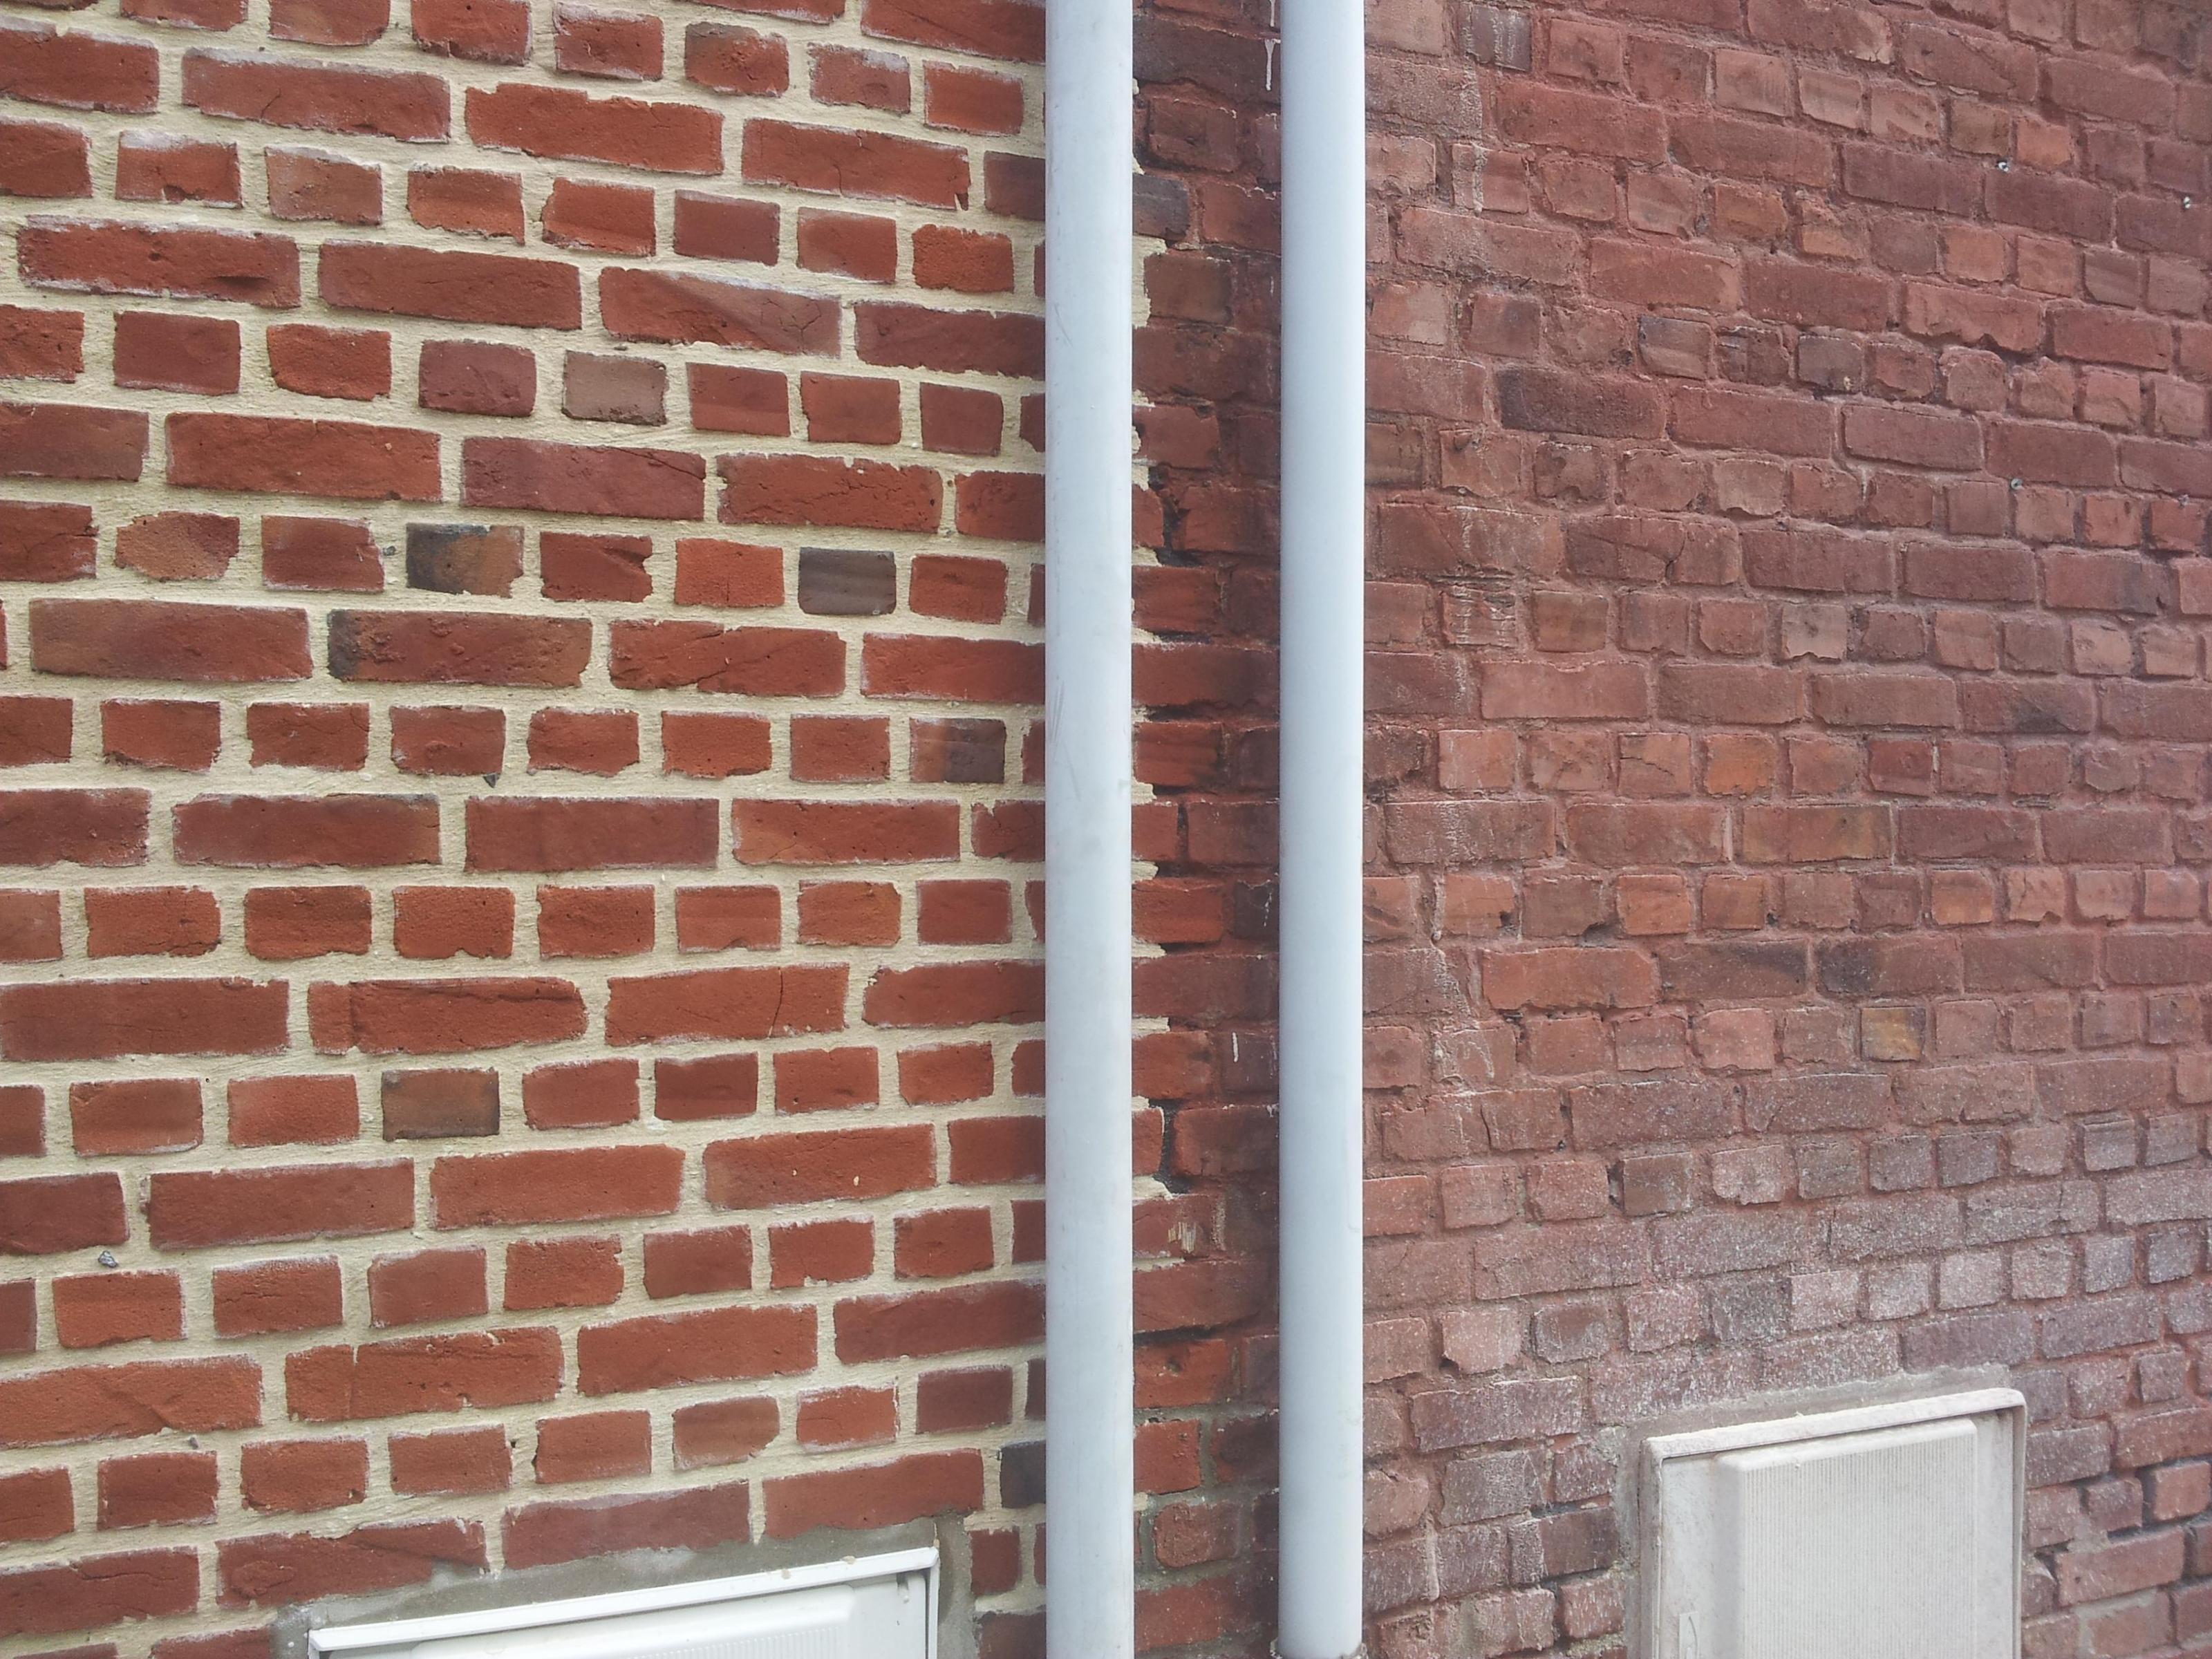 Comment nettoyer une faade de maison un nettoyage haute for Nettoyage mur exterieur eau de javel